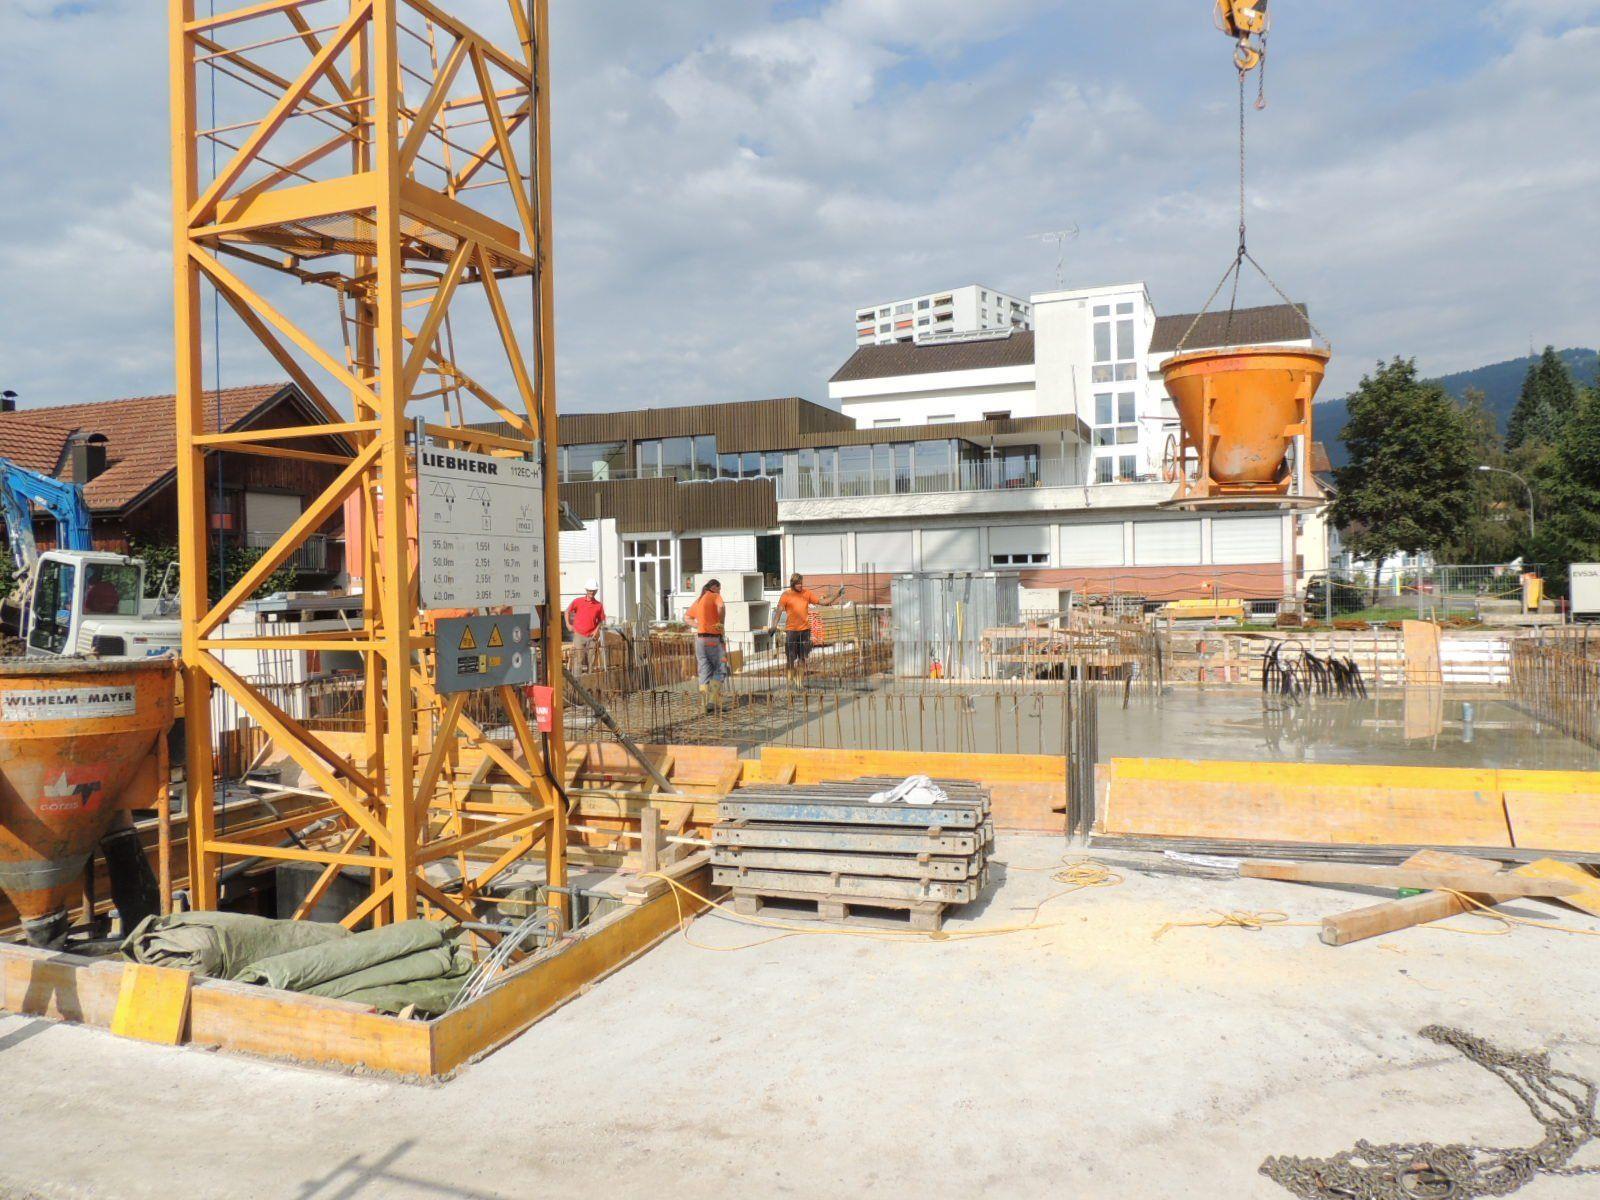 18 Wohneinheiten werden in der Heldendankstraße errichtet